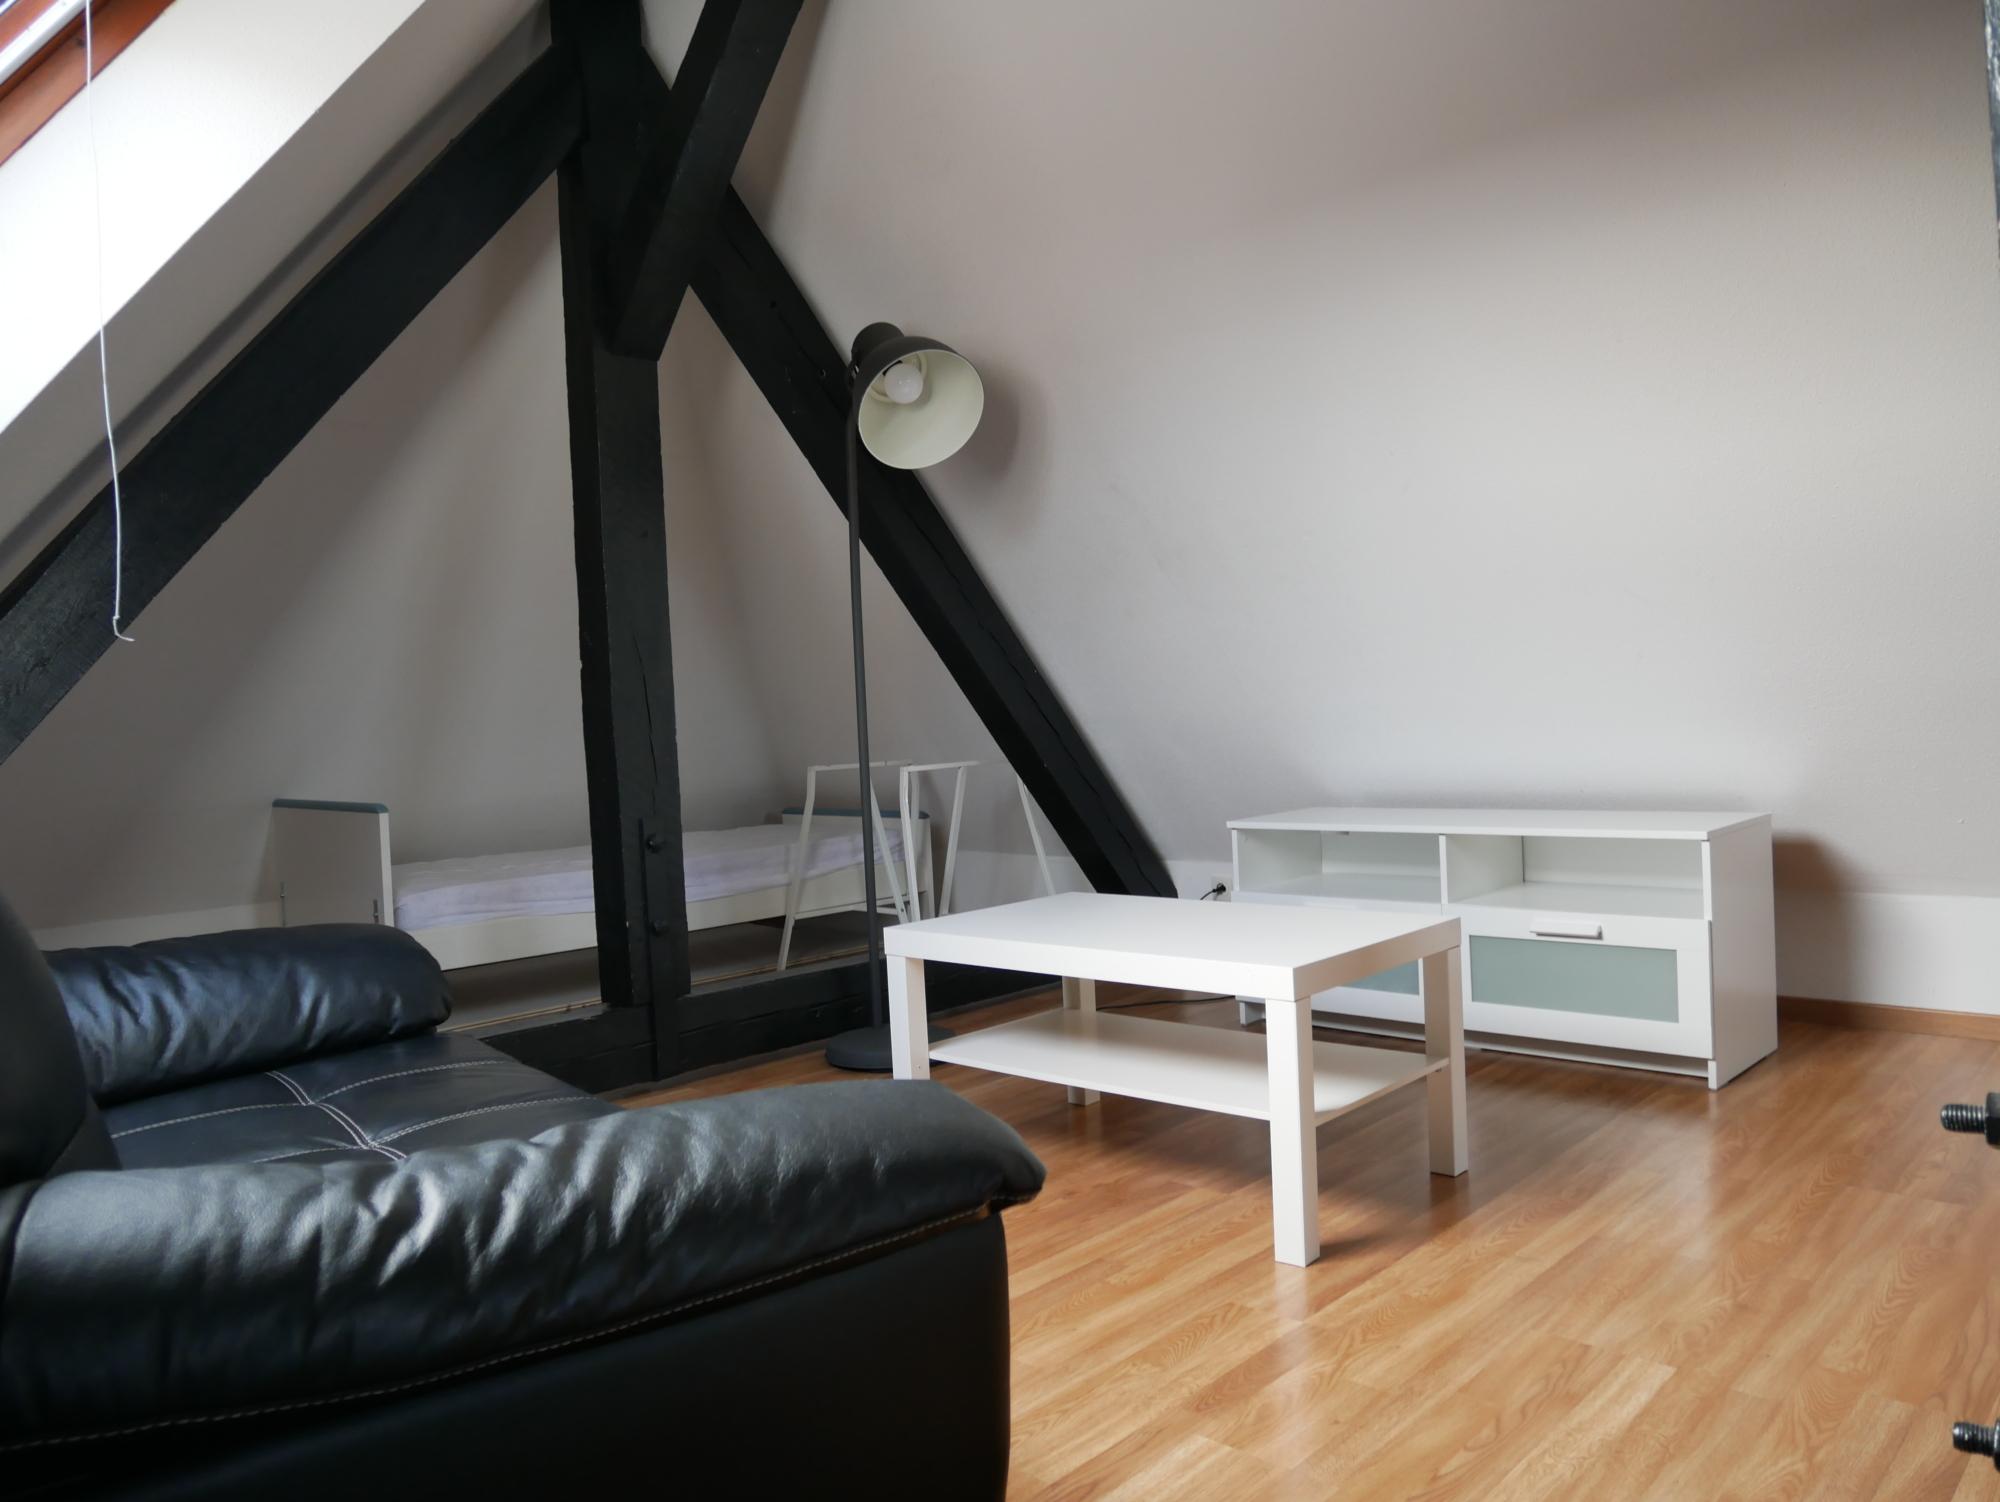 [BelleVue] 2pièces meublé en duplex - Hypercentre / rue du 22 Novembre - nos locations - Beausite Immobilier 5